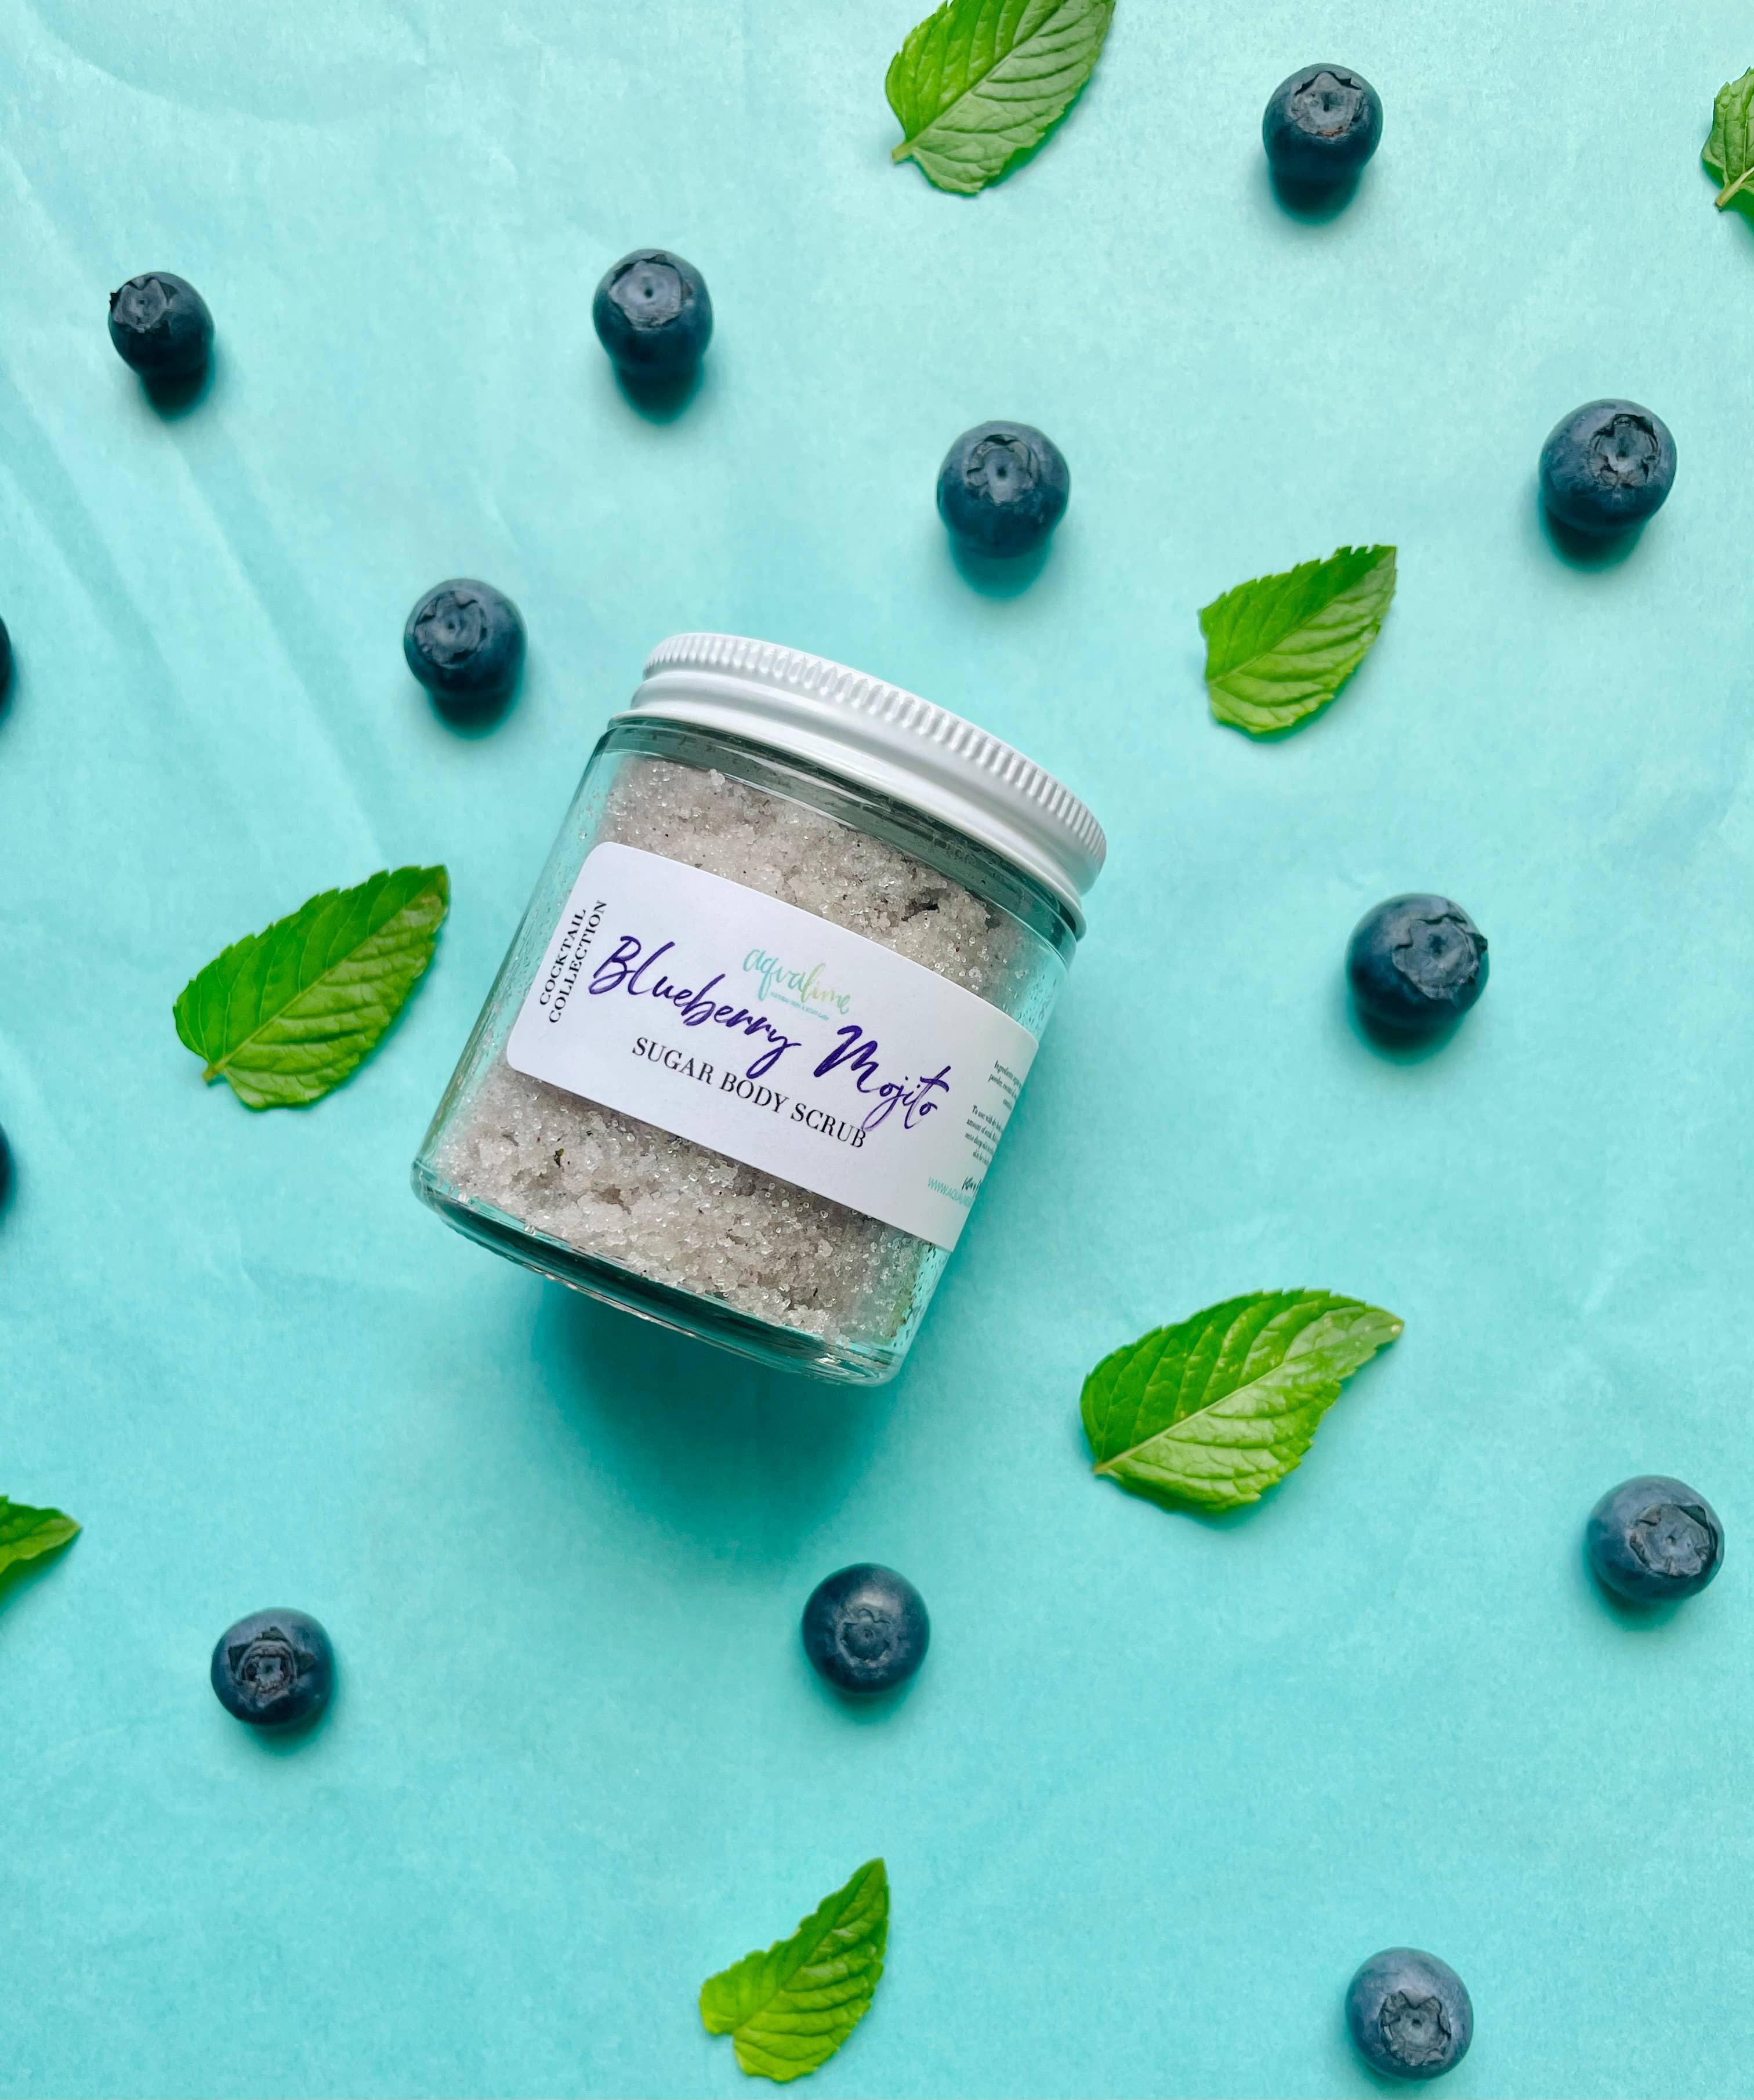 Blueberry Mojito Sugar Body Scrub - Cocktail Collection   Trada Marketplace